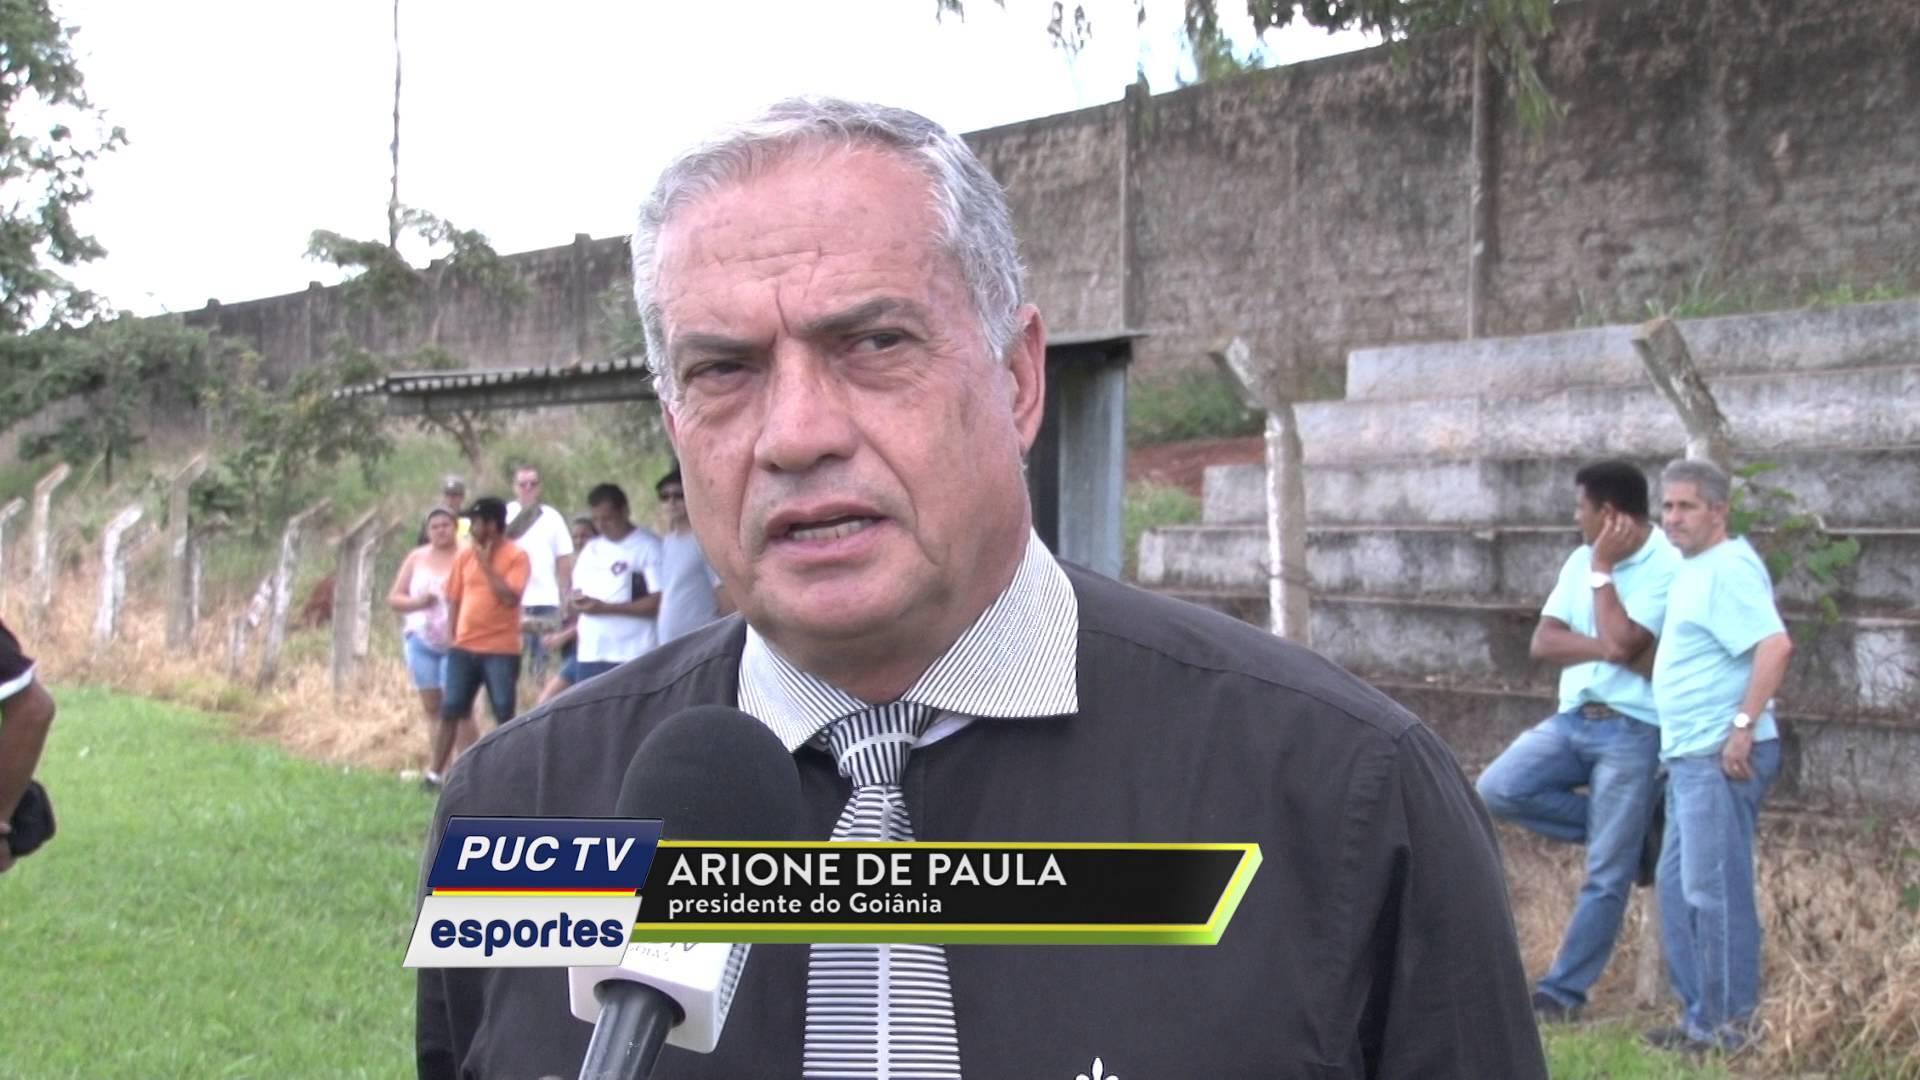 Presidente doGoiânia Arione José di Paula | Foto: Reprodução/PUC TV